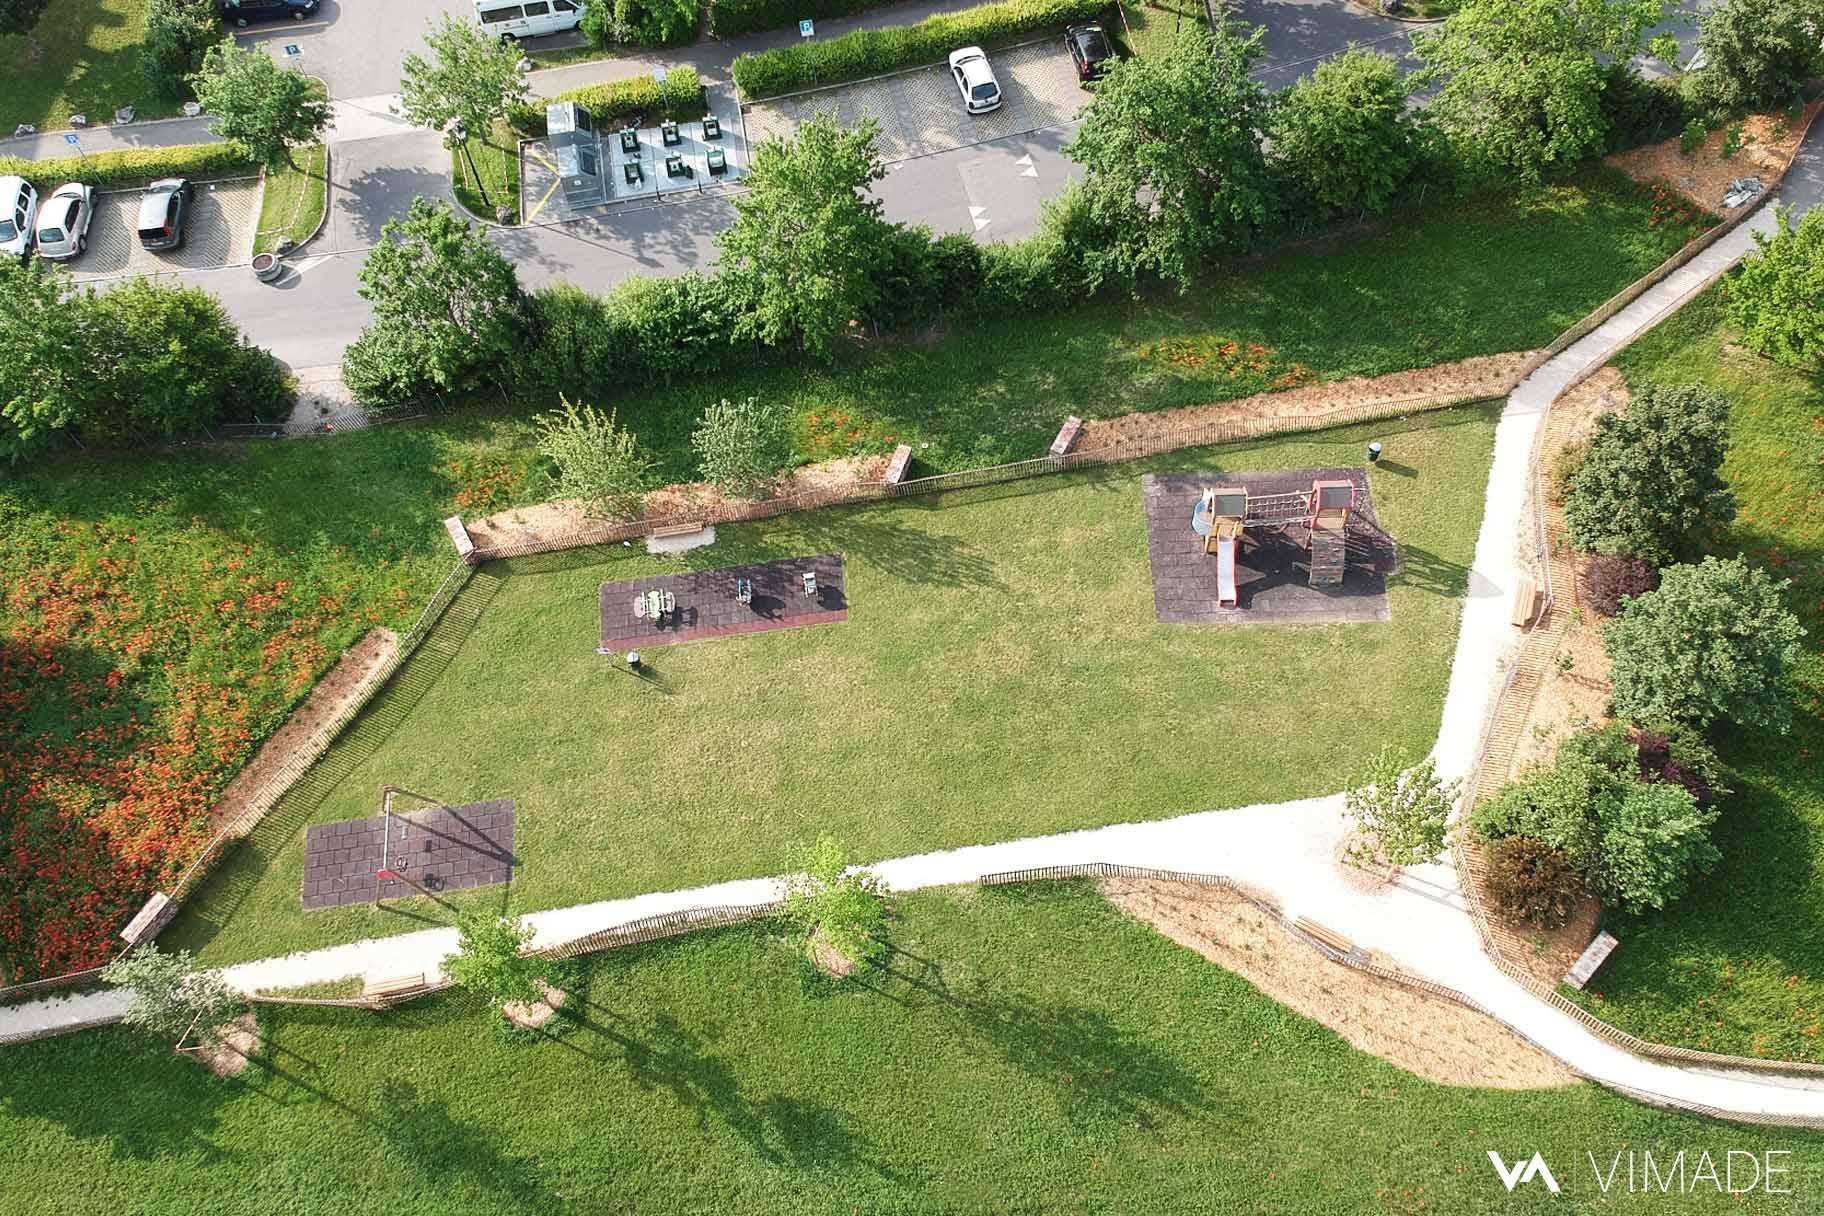 Vue aérienne drone du projet écologique au parc des Tuileries à Bellevue offrant prairies, hôtels à insectes, végétation indigène et espaces d'agrément, VIMADE Architectes paysagistes Genève.